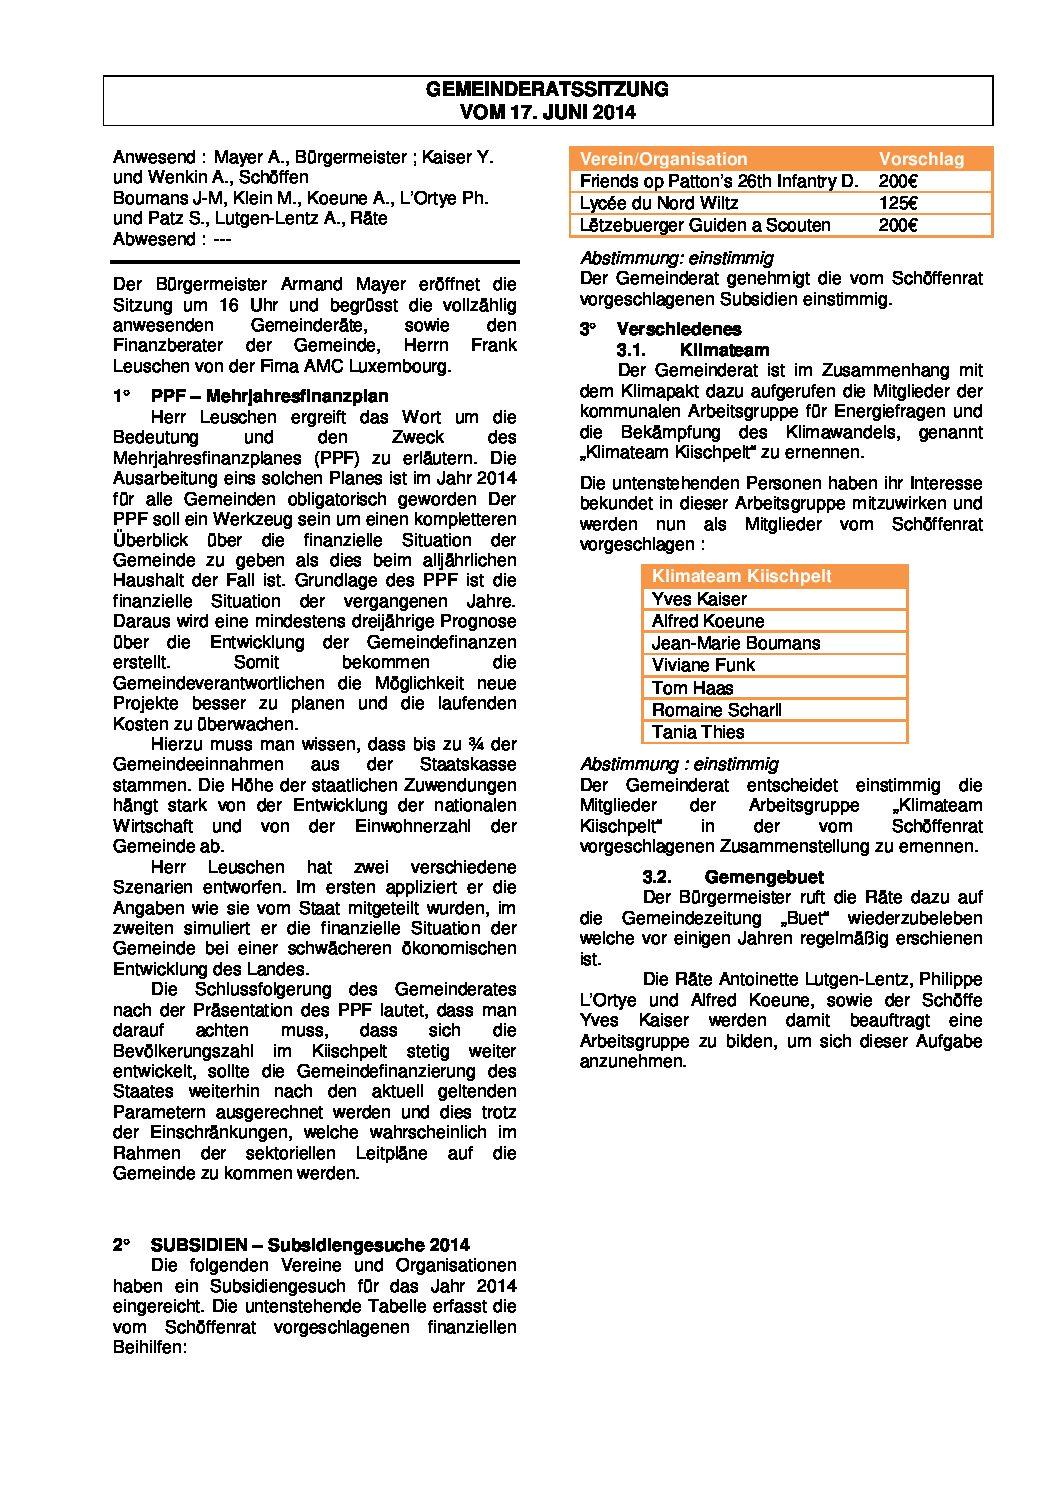 Gemeinderats Bericht vom 17.06.2014